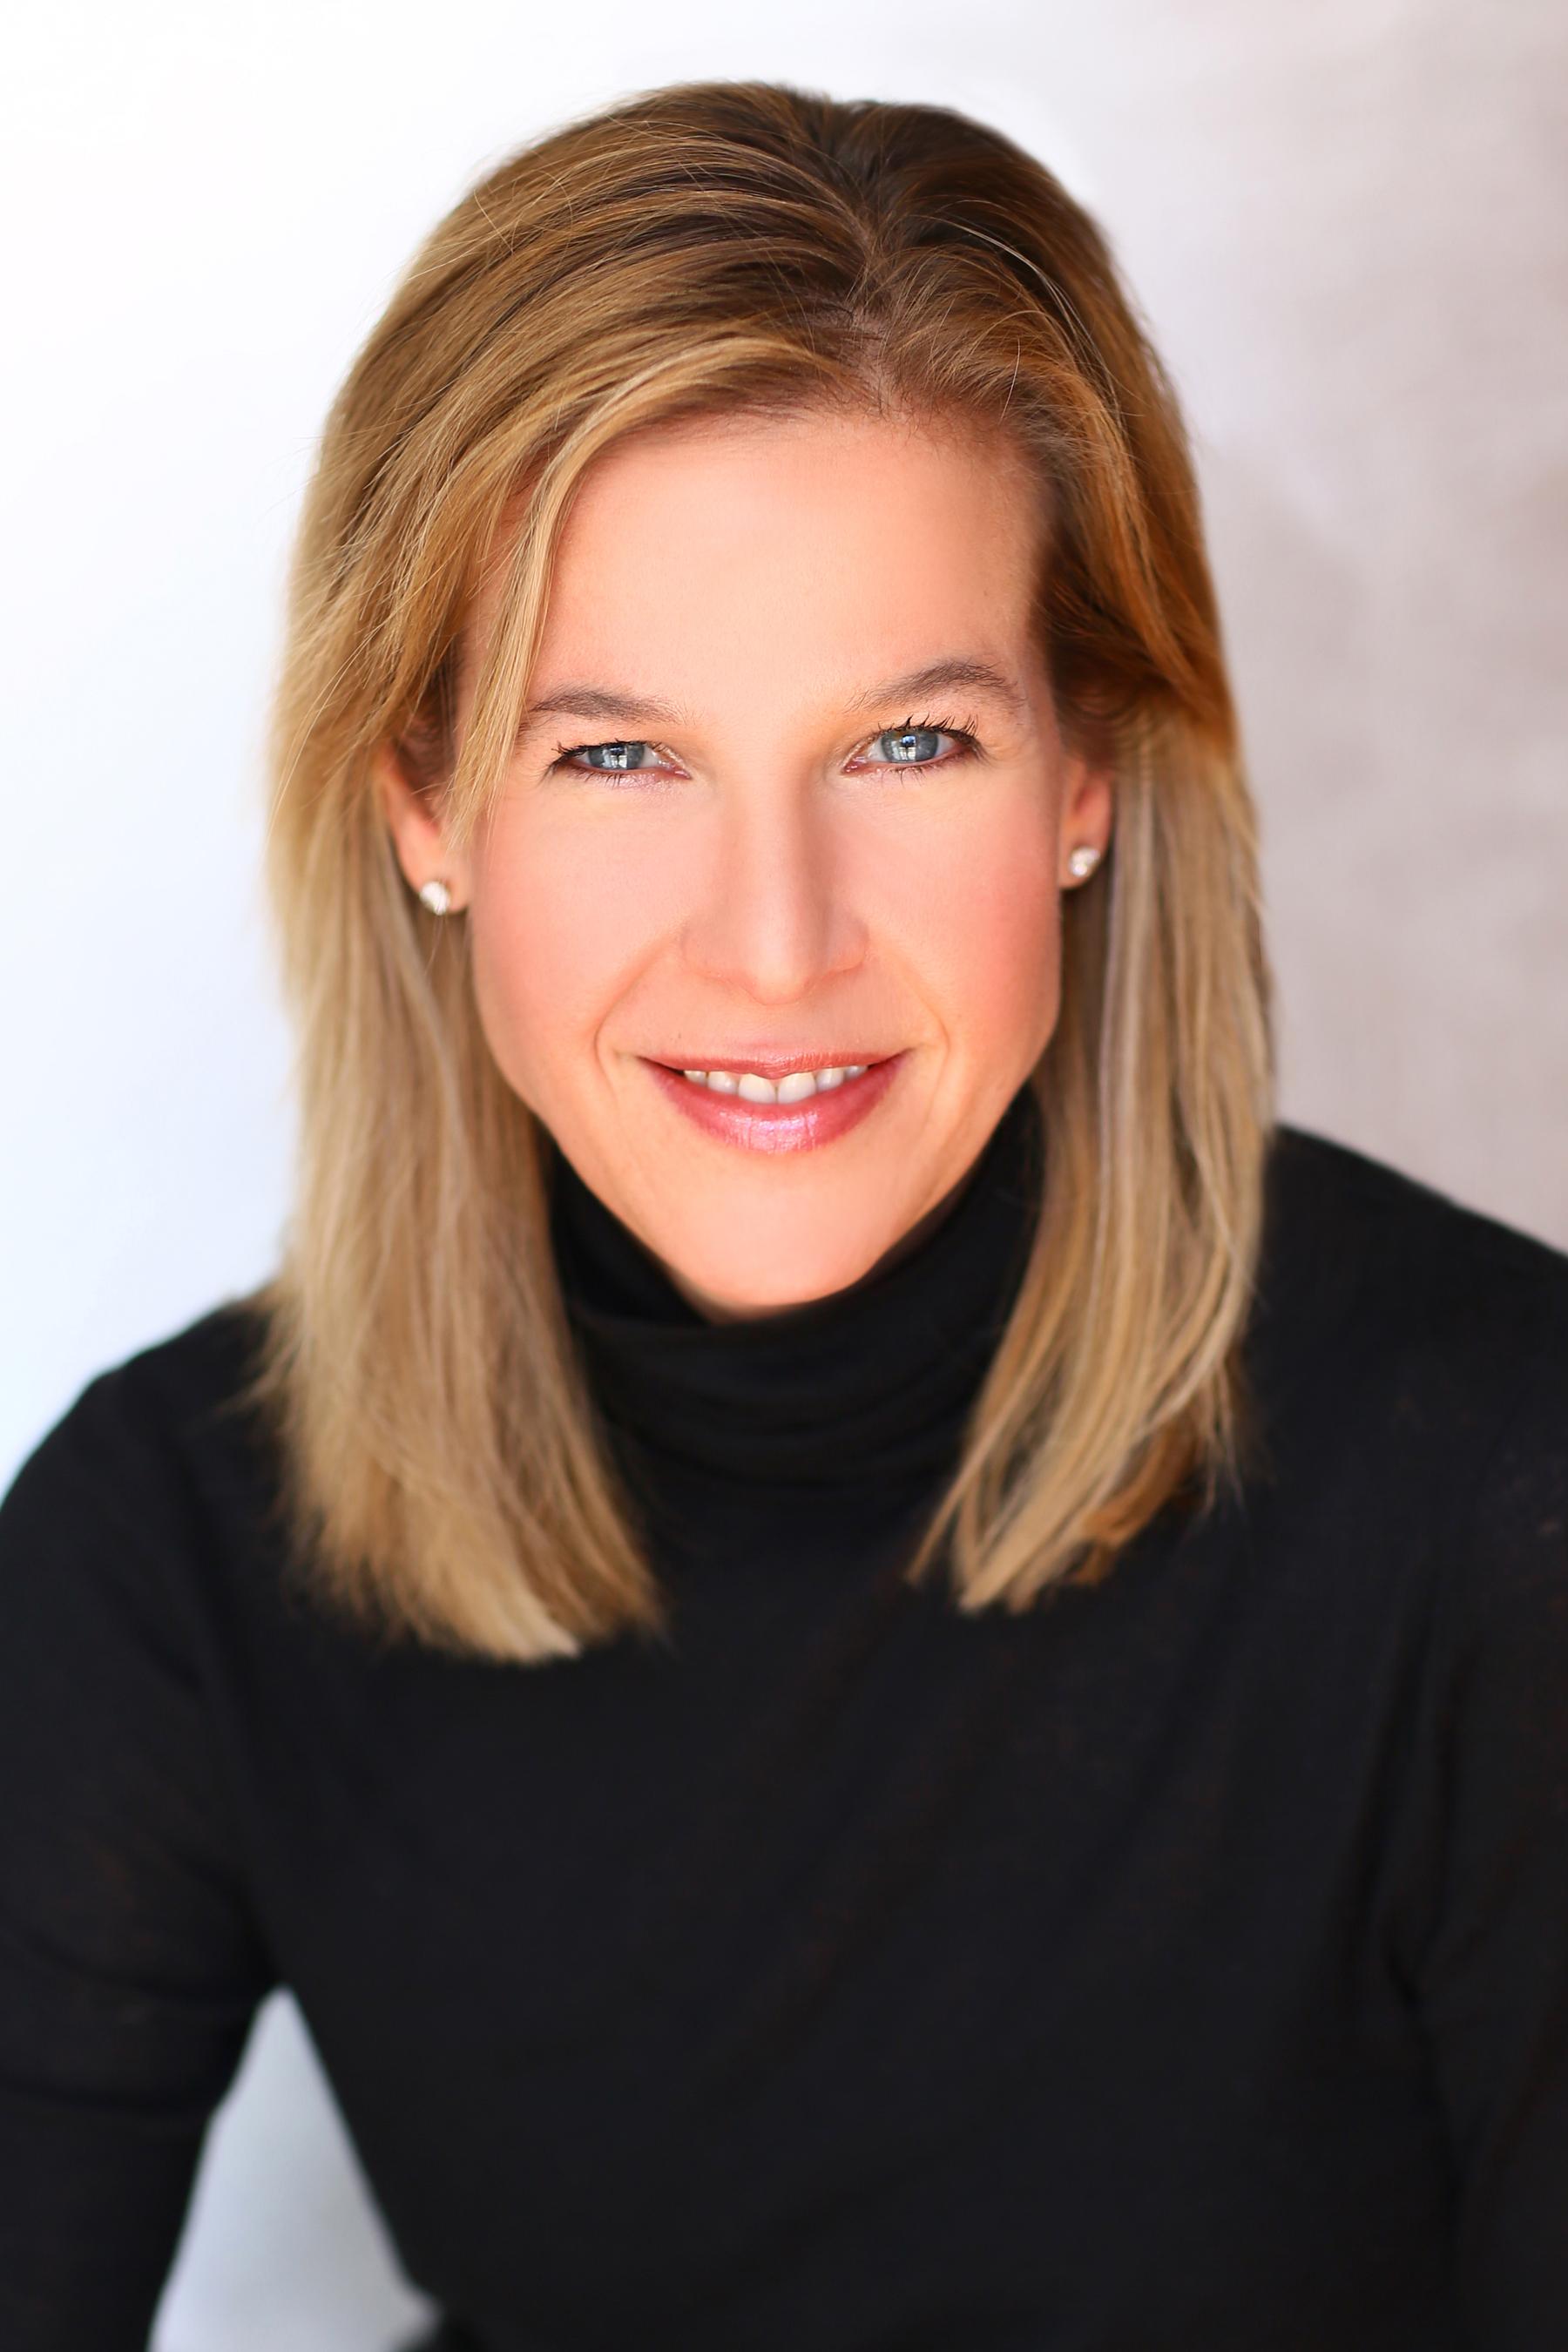 Jill Beckett-Hill